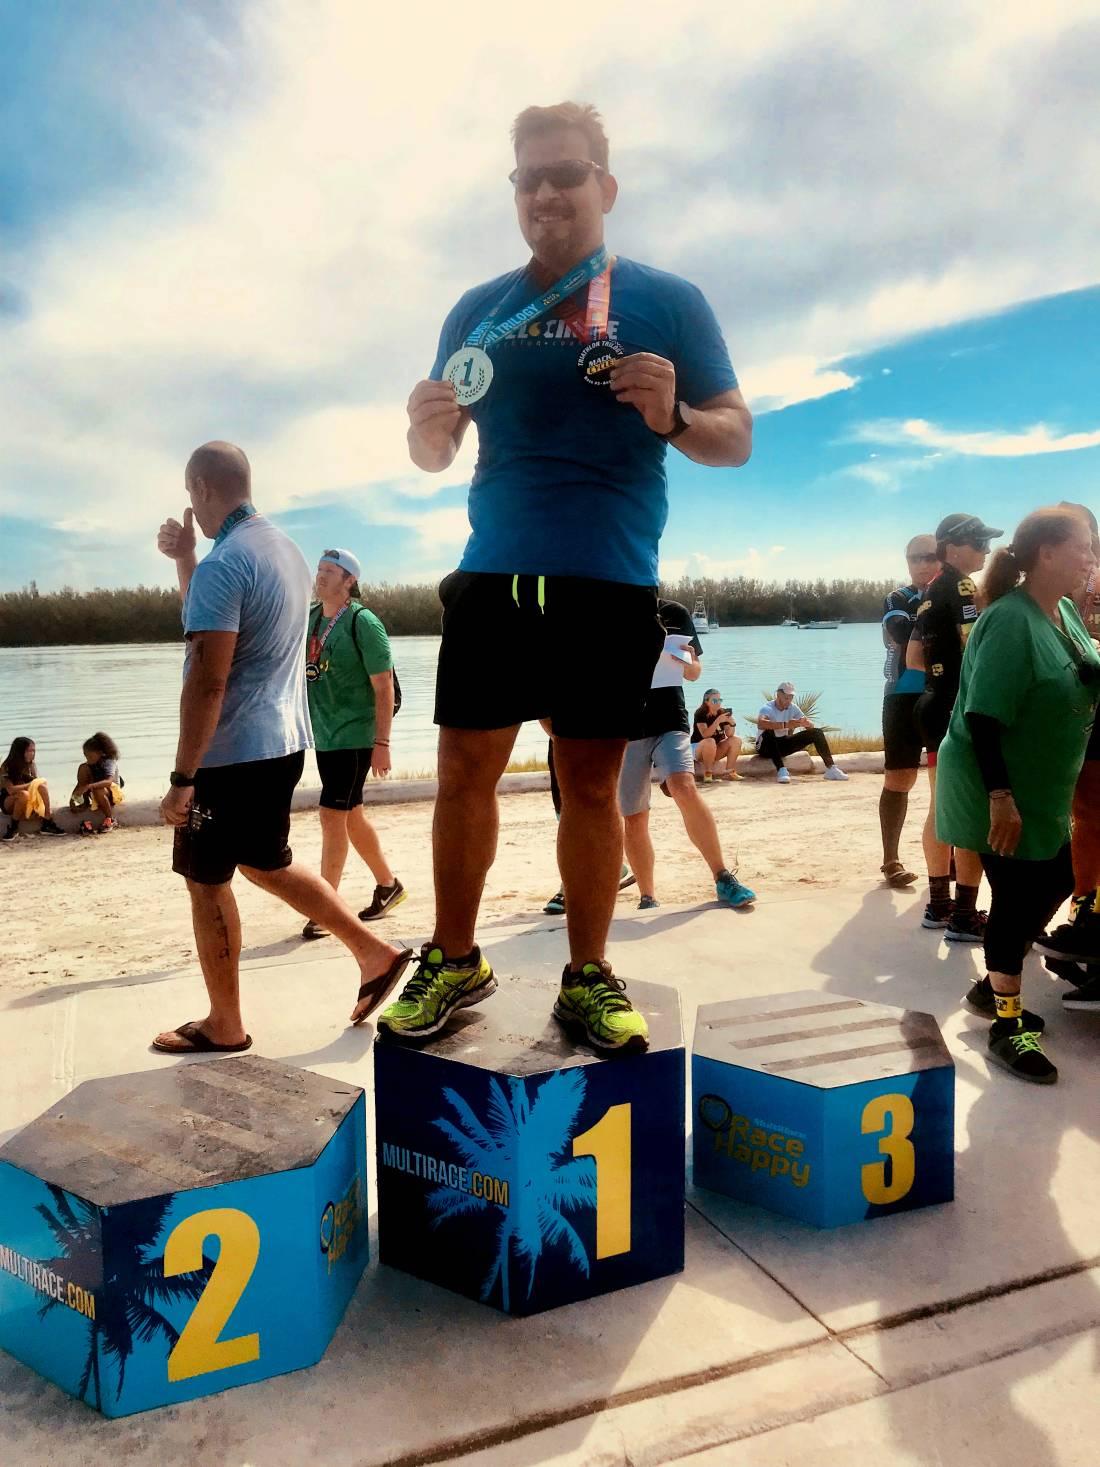 Rockstar Triathlete; Raul Aliaga